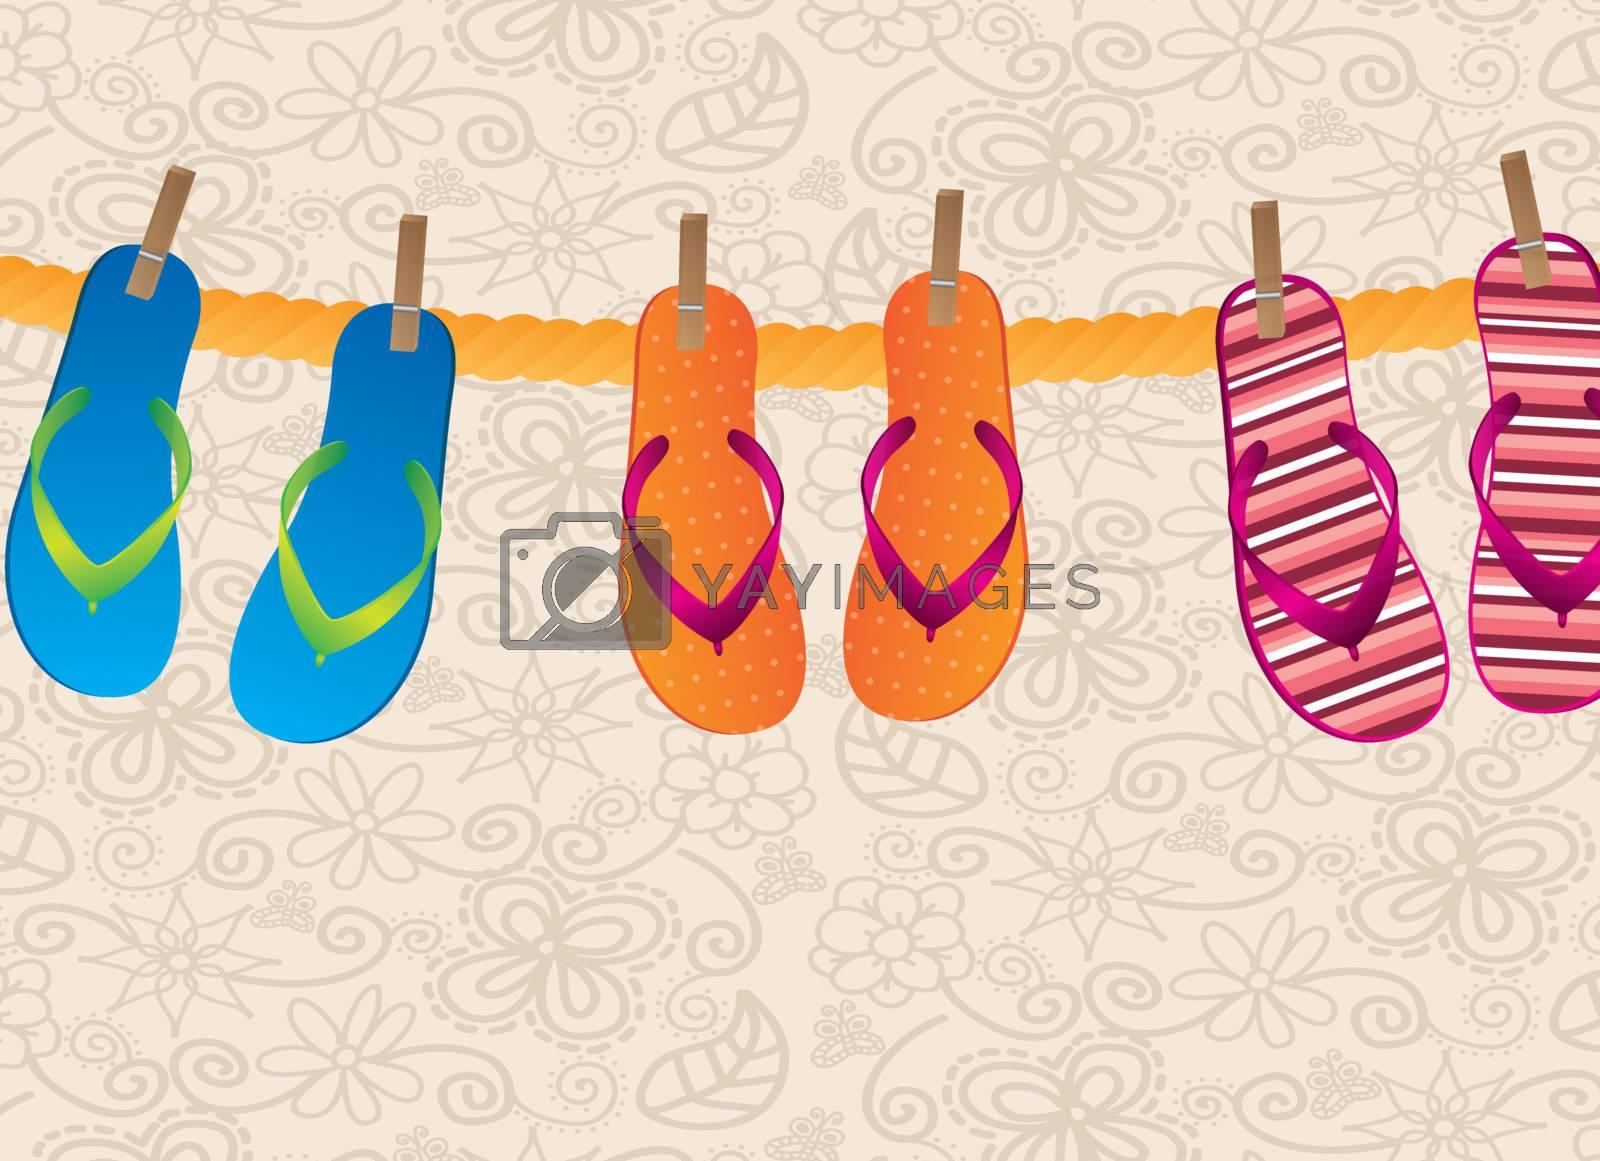 flip flops hanging over vintage background vector illustration